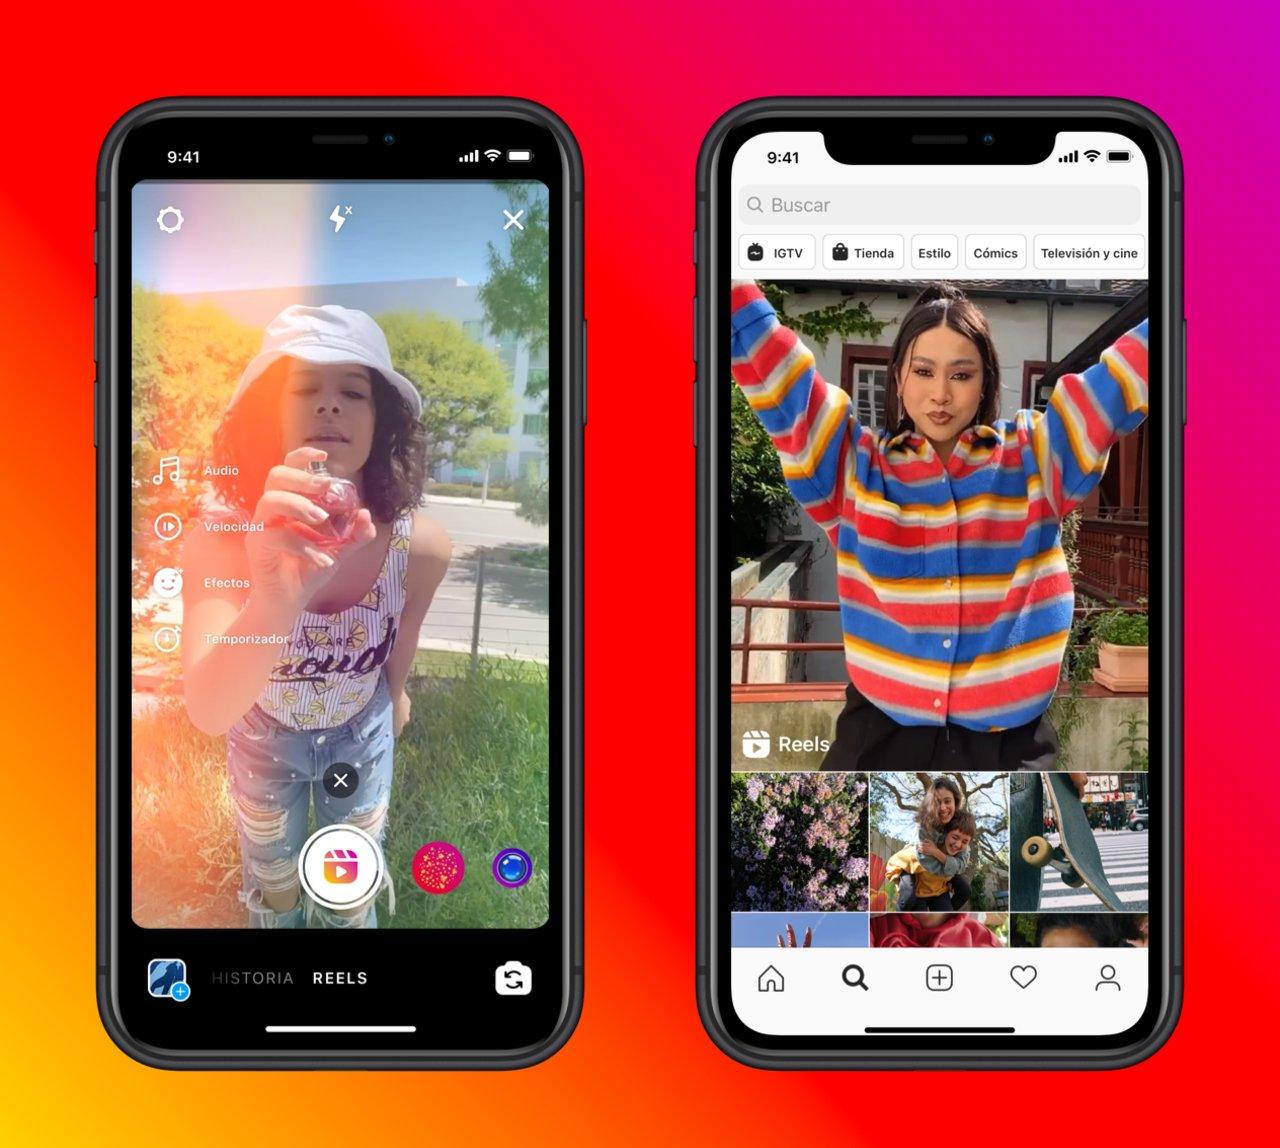 WhatsApp Reels Instagram llegarán aplicación mensajería